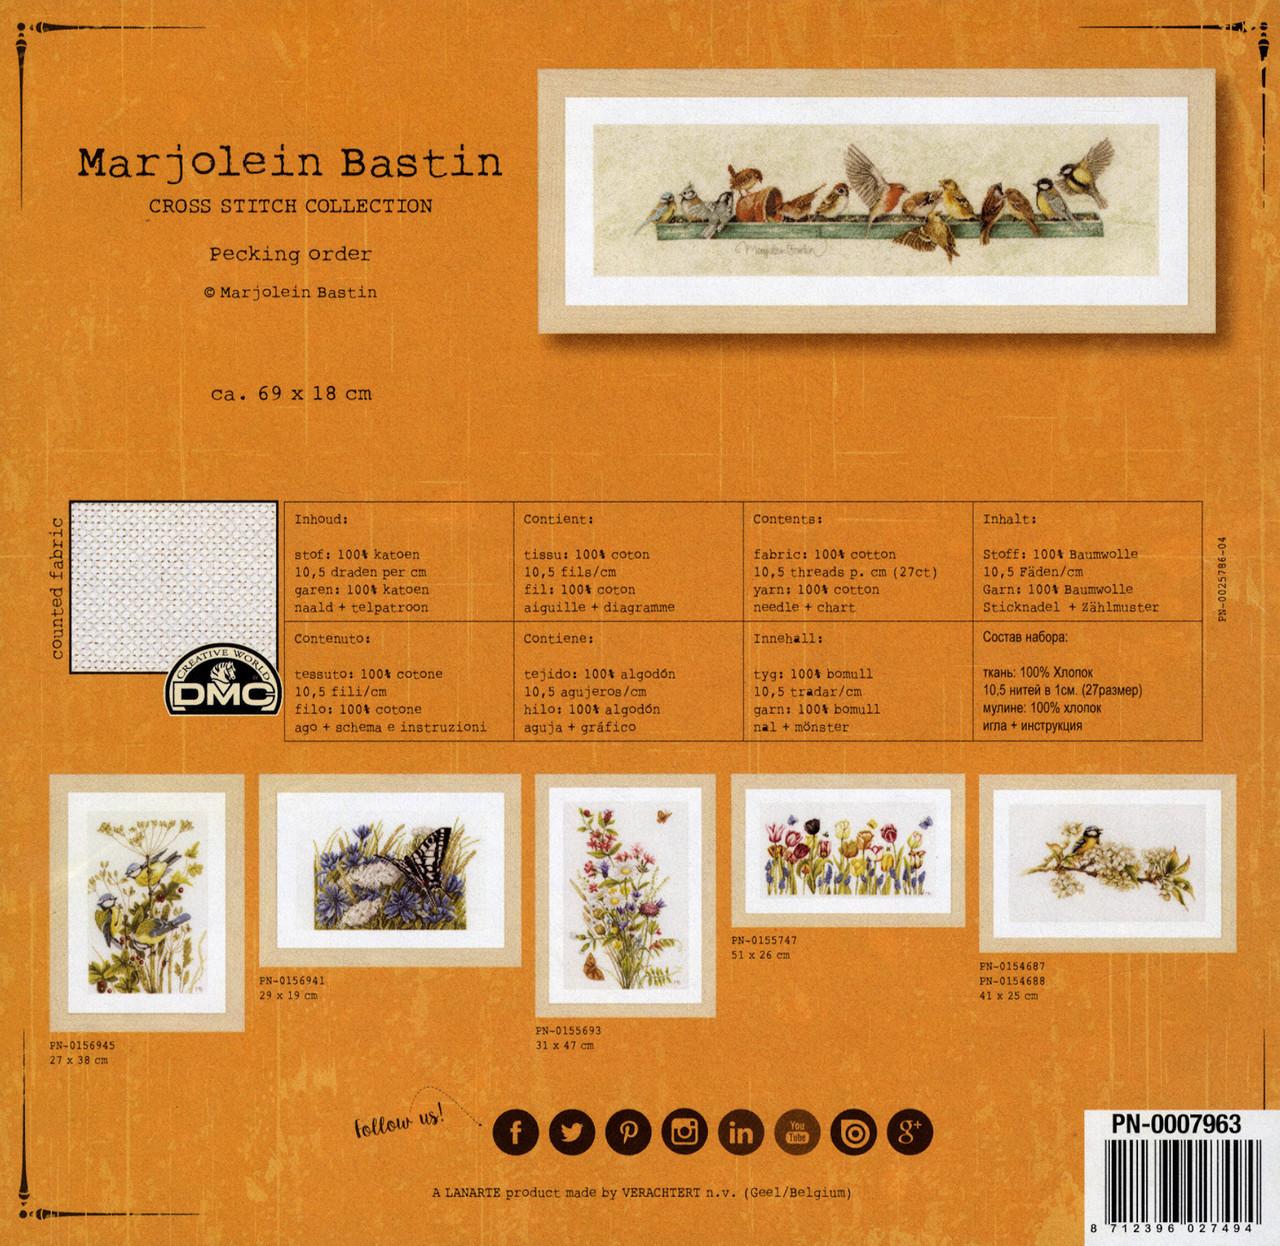 LanArte - Marjolein Bastin The Pecking Order